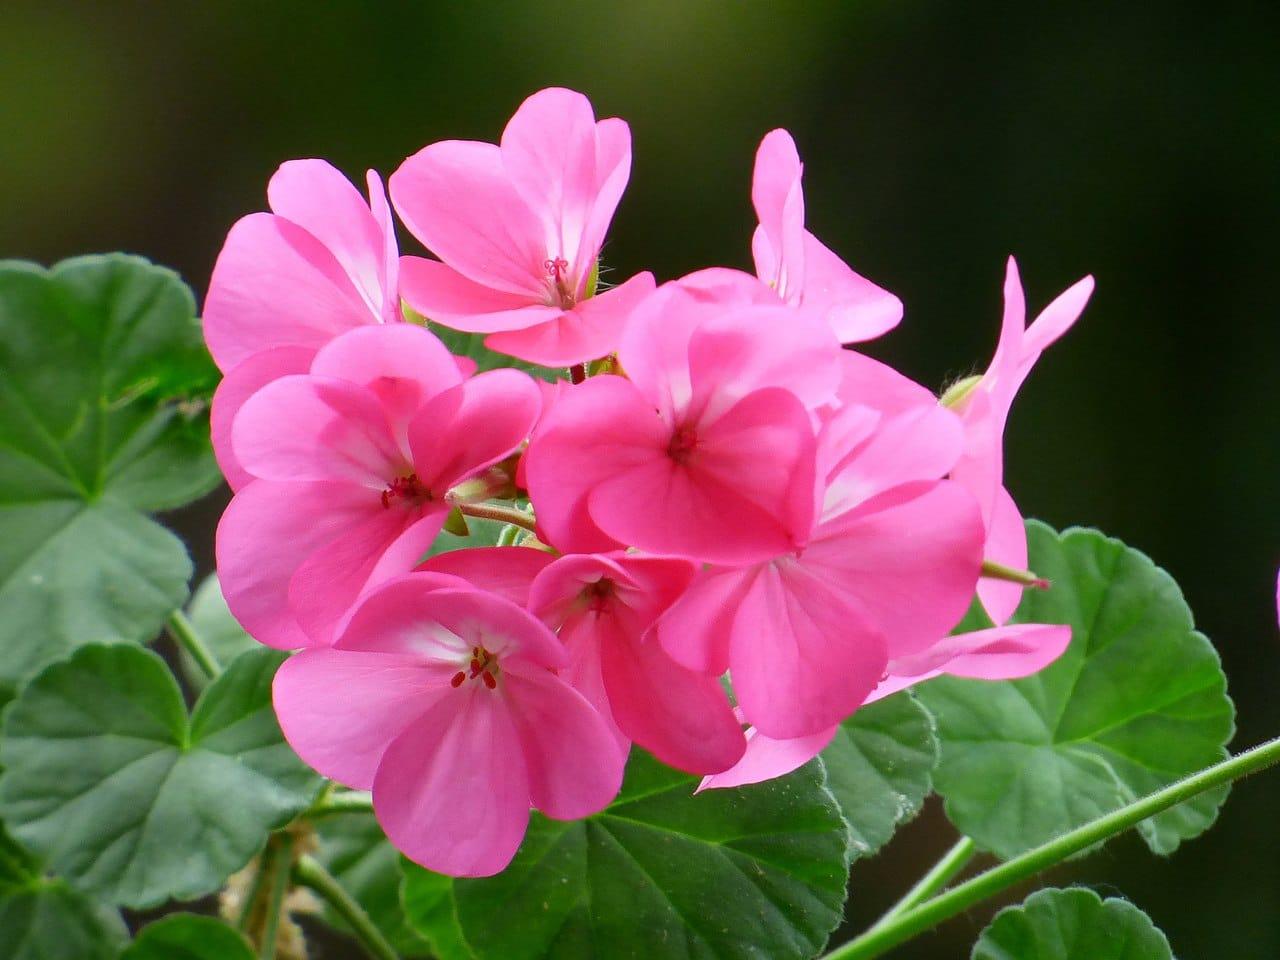 El Pelargonium hortorum es un tipo de geranio